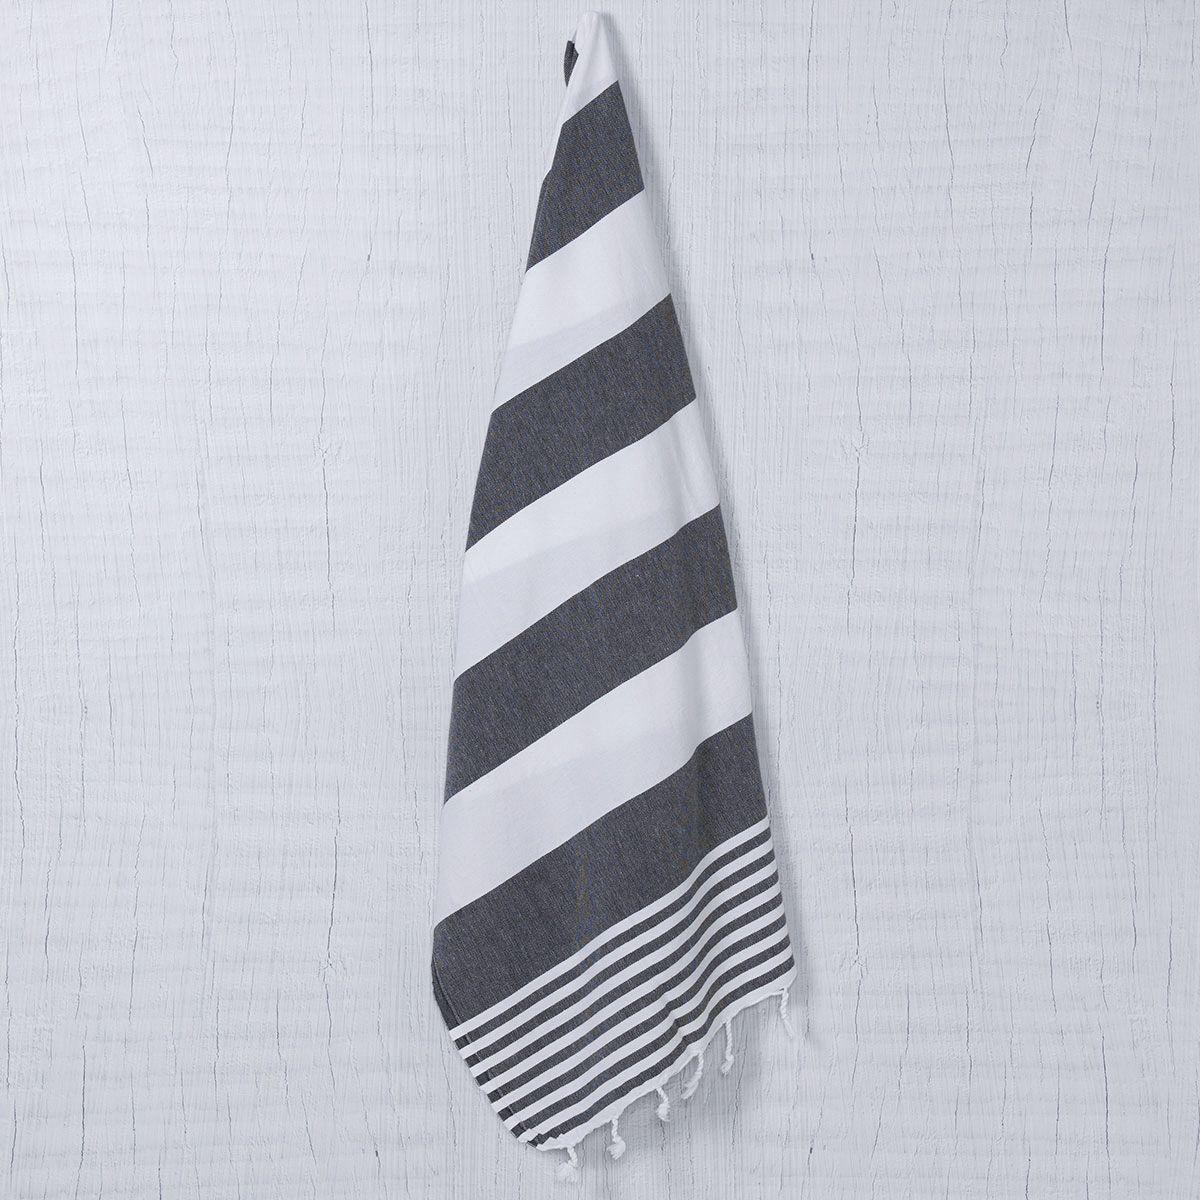 Peshtemal Ladon03 - Black / White